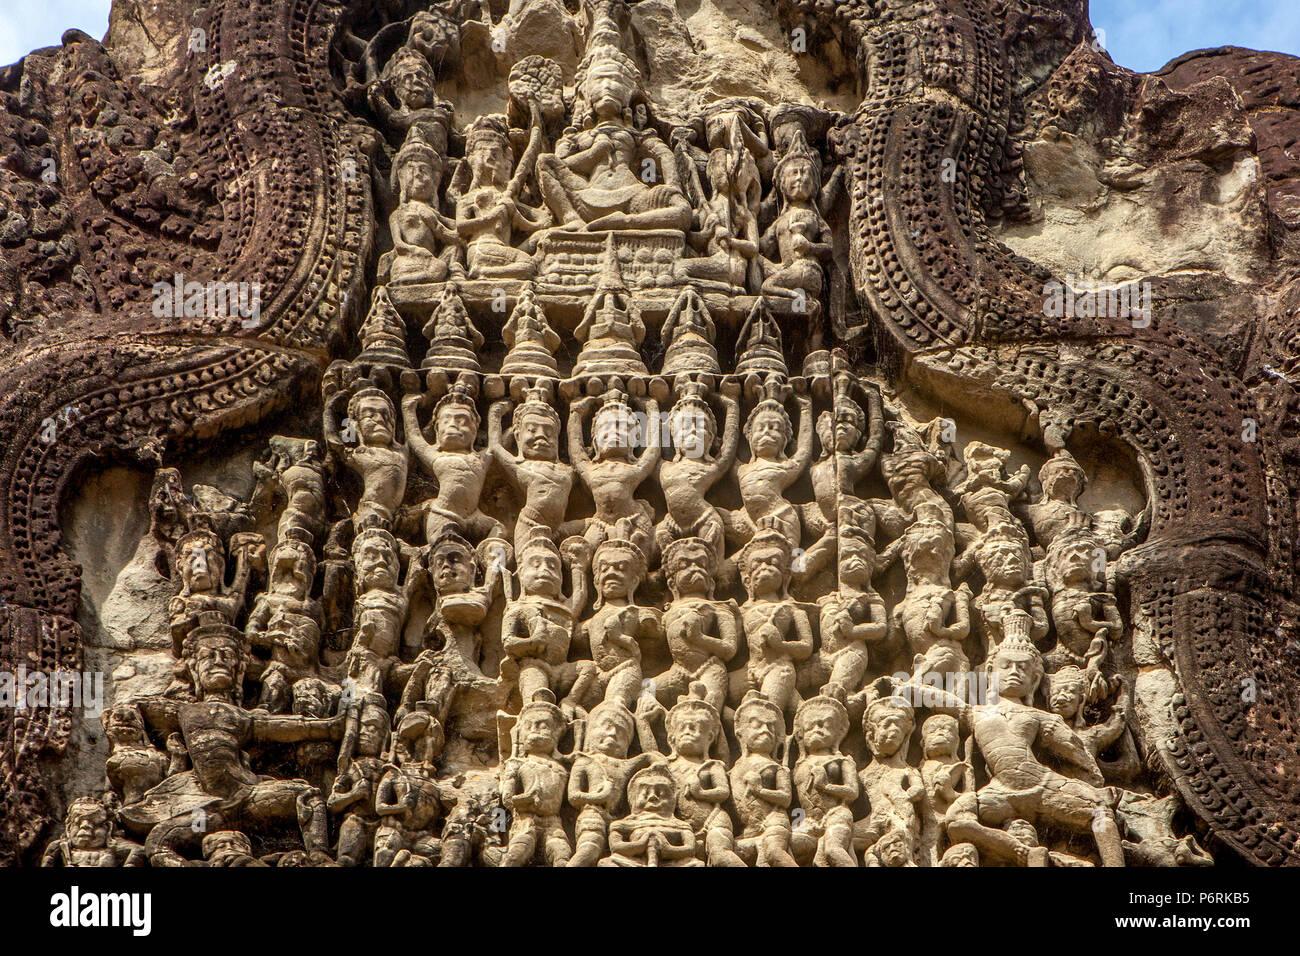 Fronton en grès sculpté richement au temple d'Angkor Wat à Siem Reap, Cambodge. Photo Stock